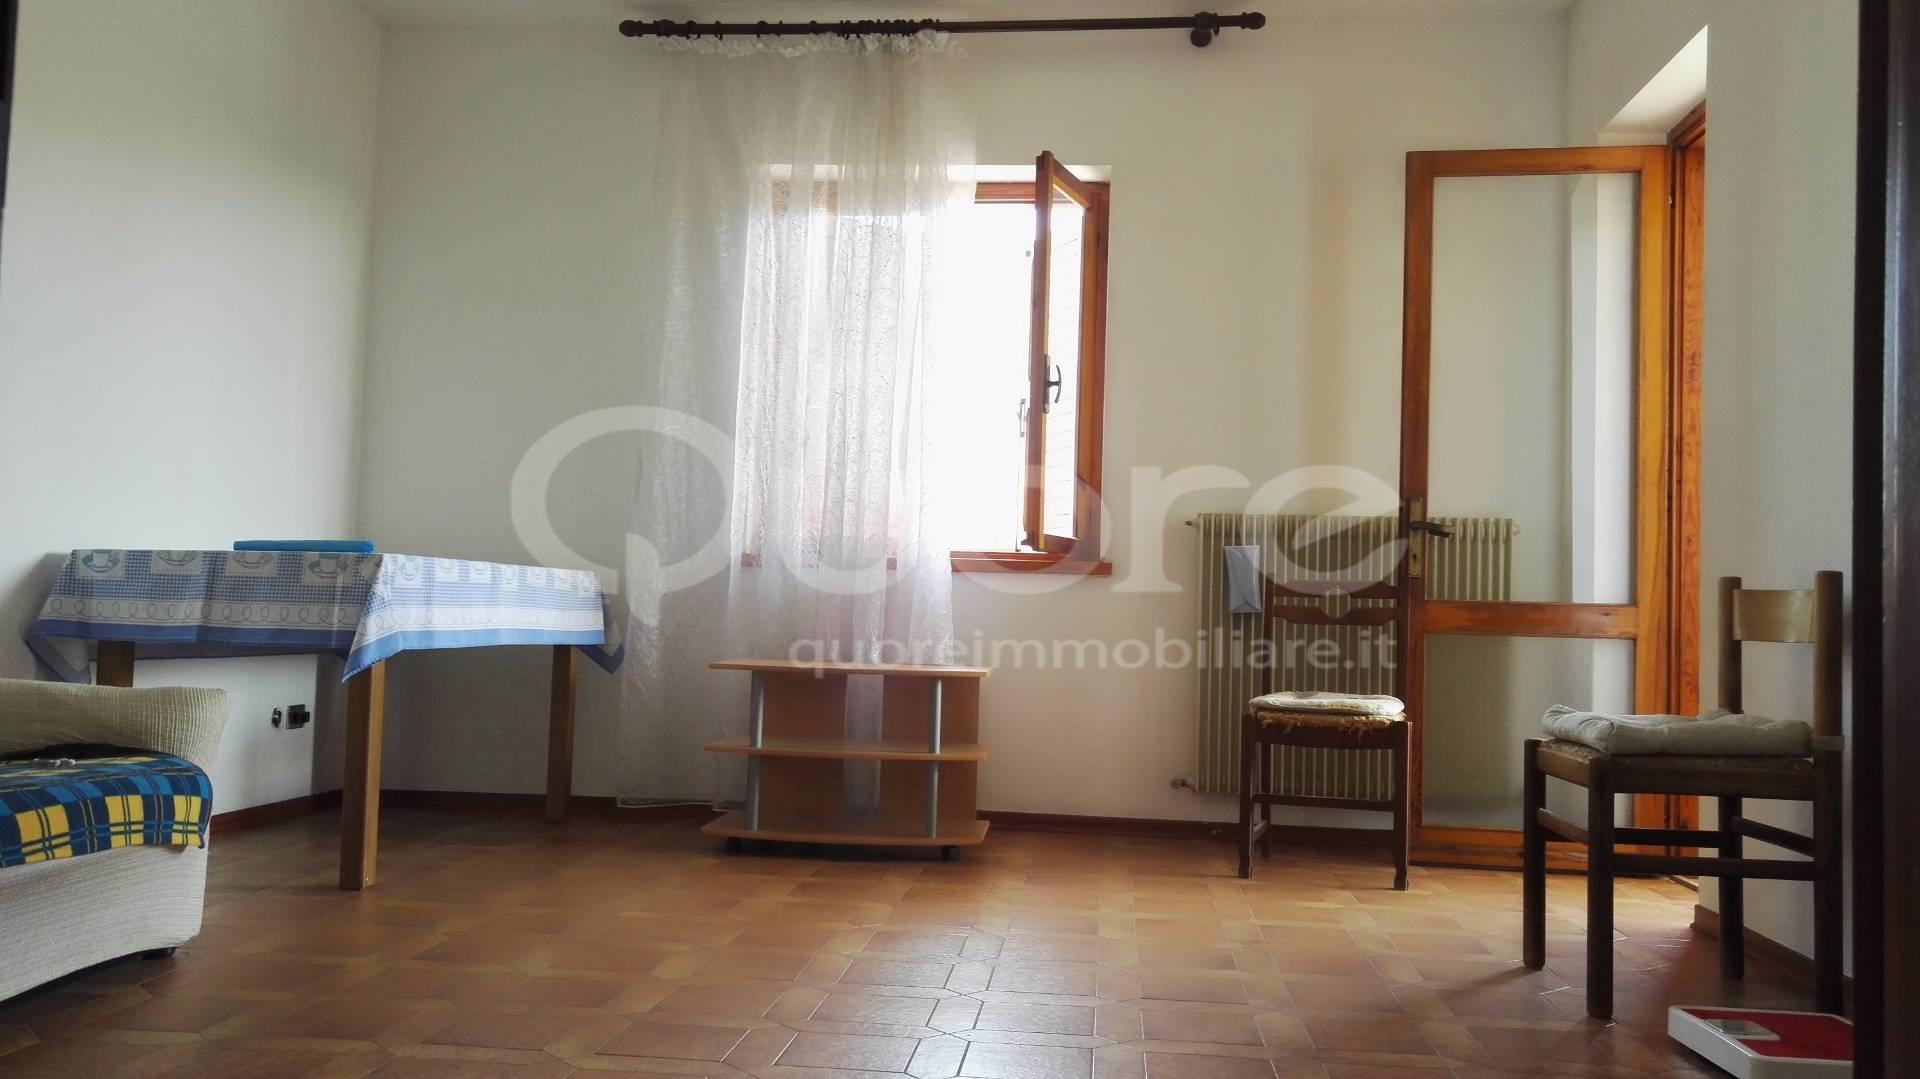 Appartamento in vendita a Mortegliano, 4 locali, prezzo € 75.000 | CambioCasa.it